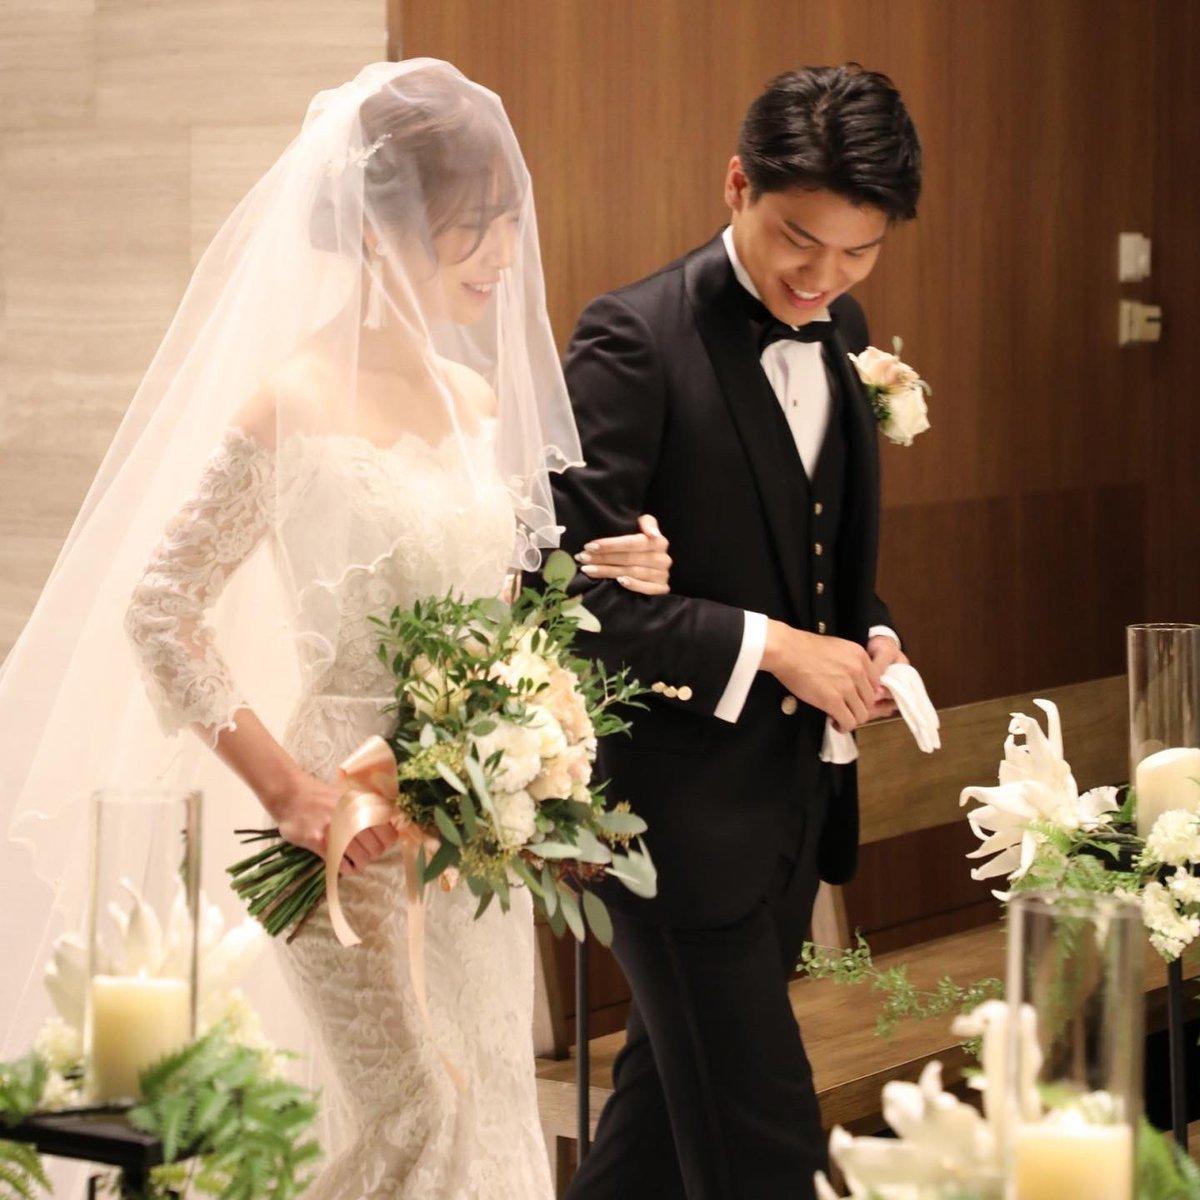 マネージャーが撮ってくれた写真📸清野さんありがとう🙏#結婚式 #ザストリングス表参道